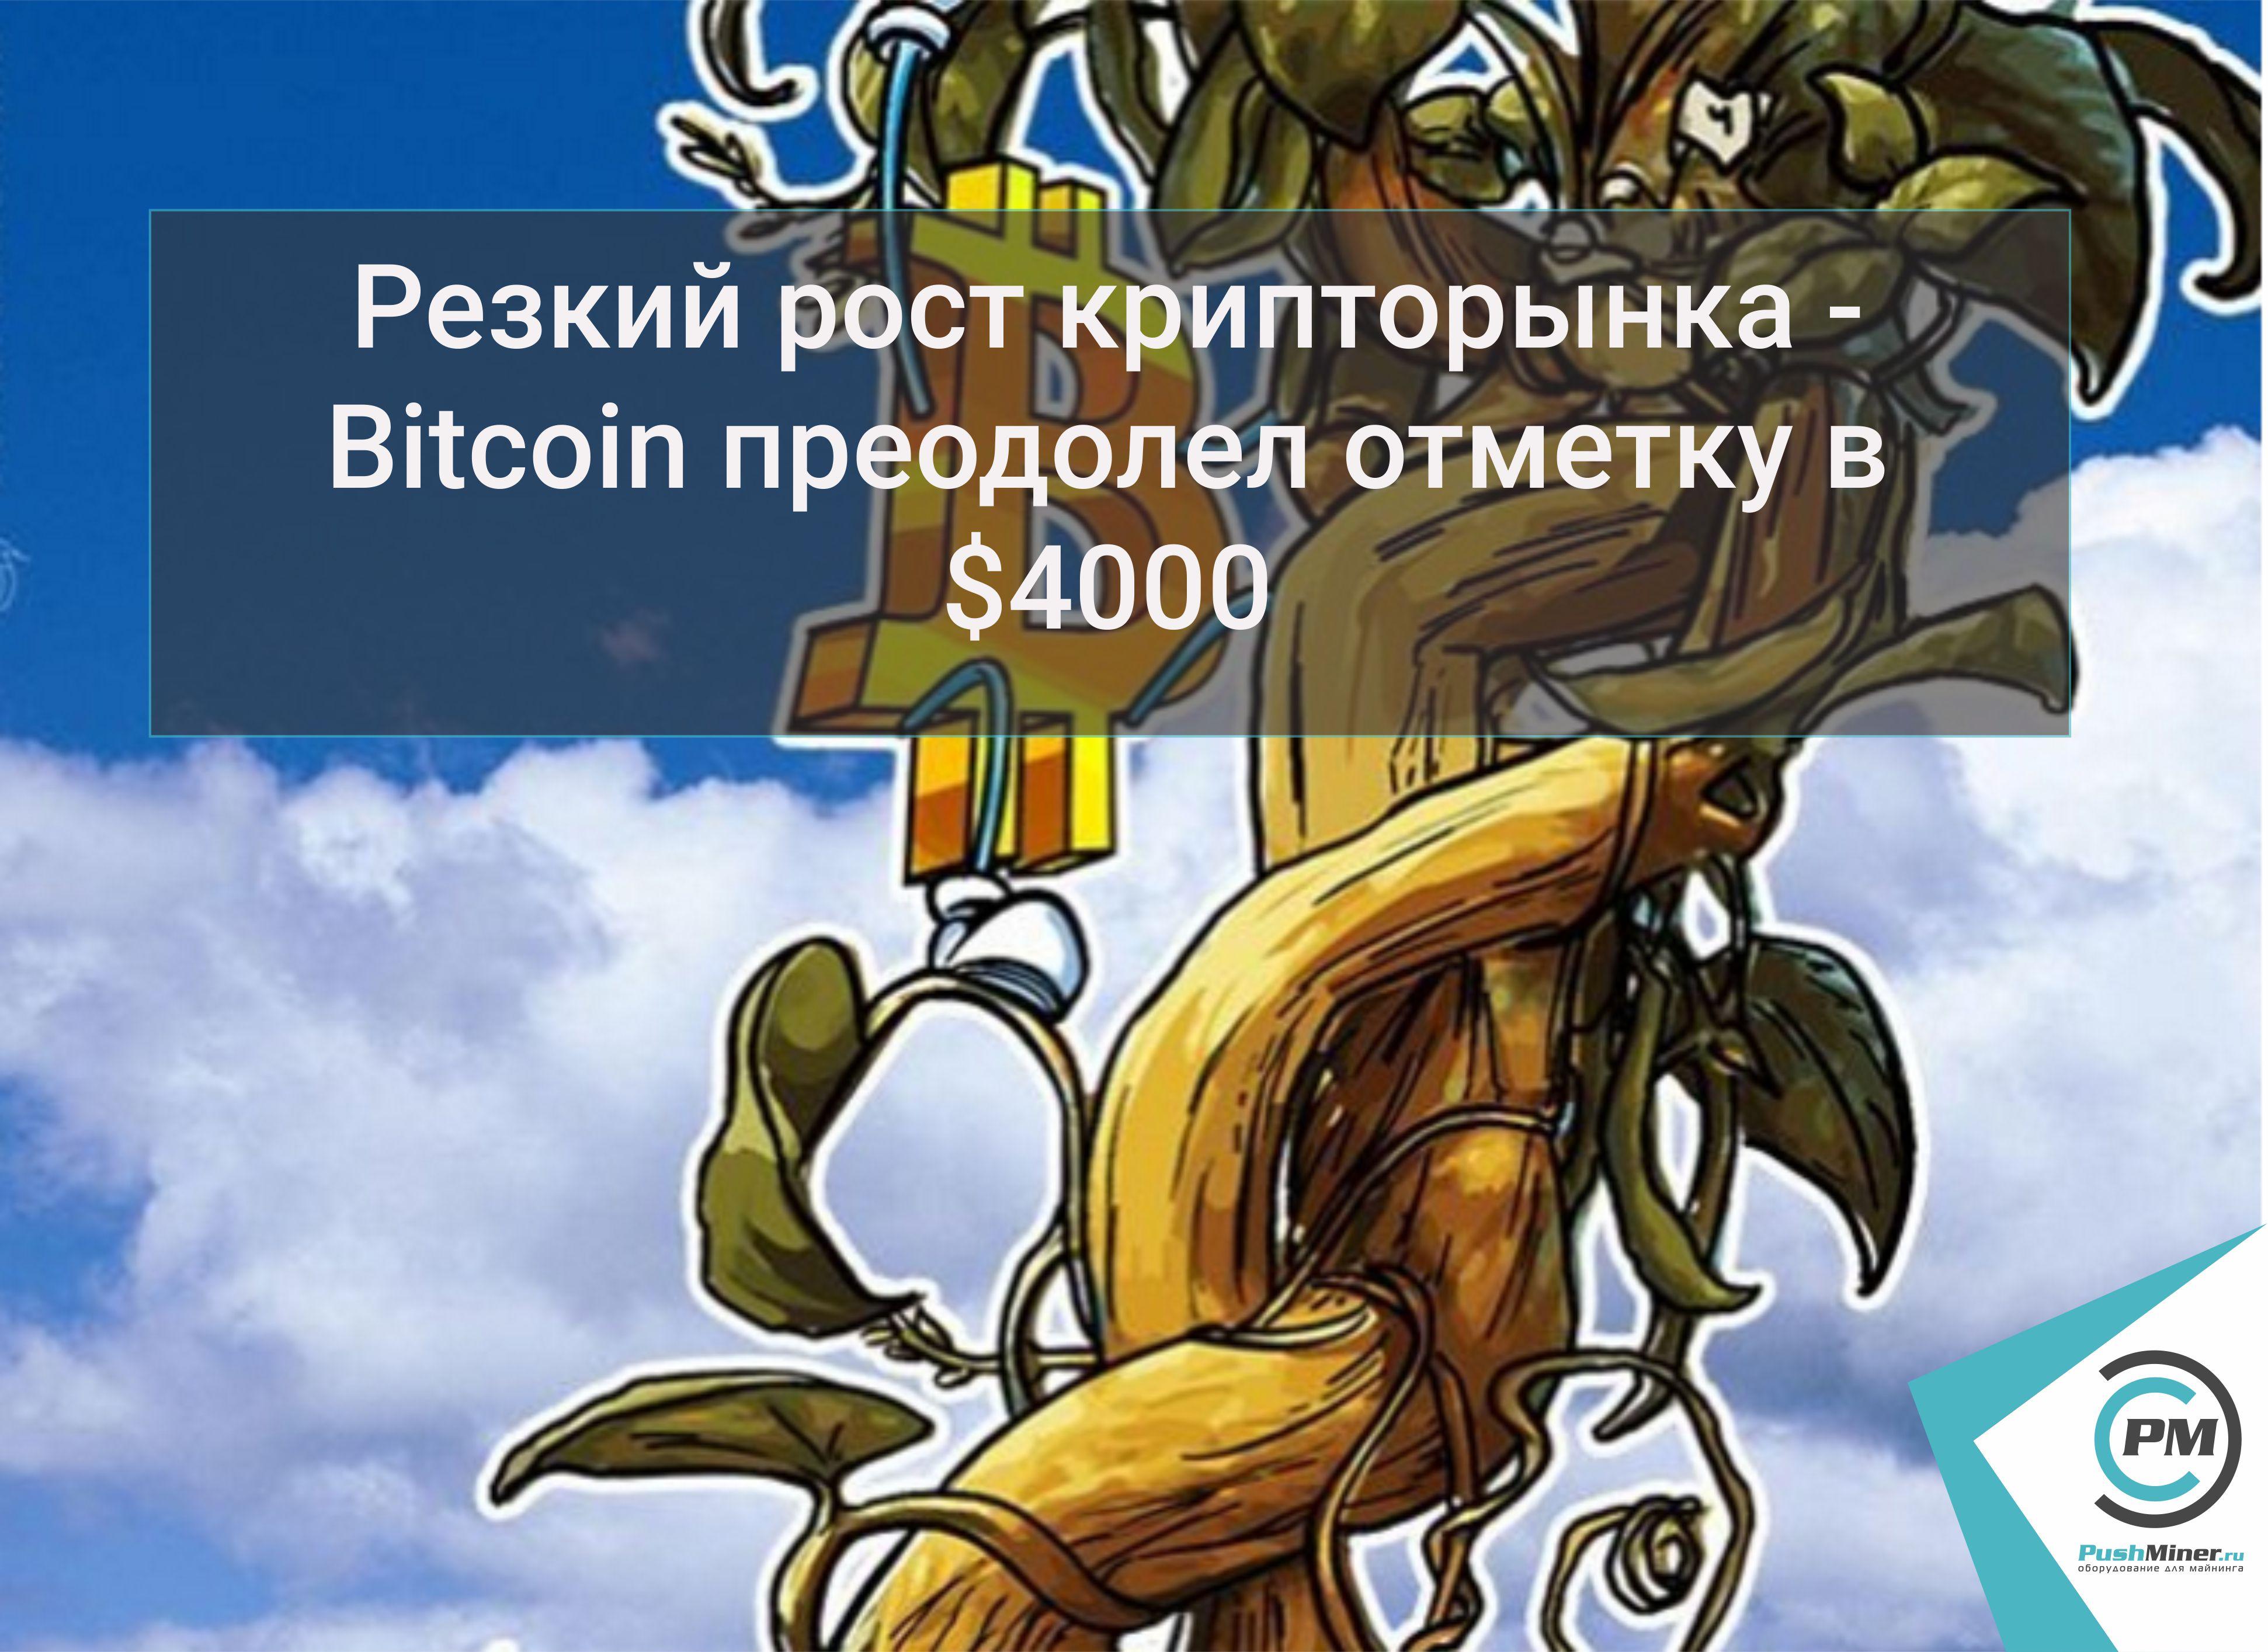 Резкий рост крипторынка -Bitcoinпреодолел отметку в $4000